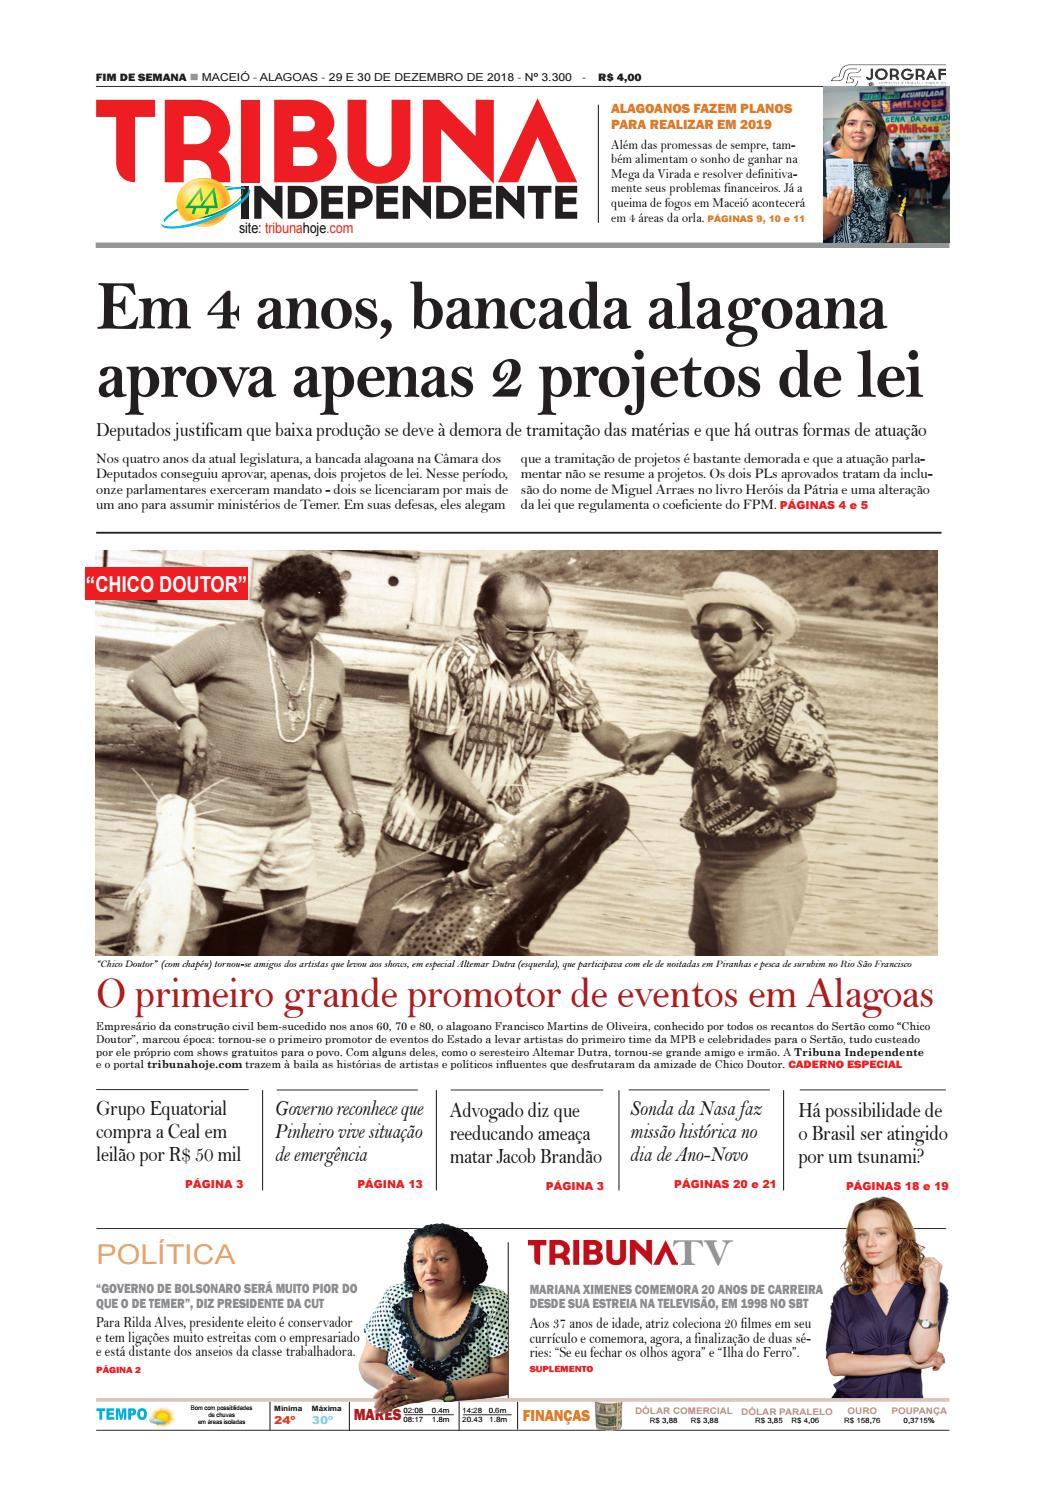 fed9f09f46d Edição número 3300 - 29 e 30 de dezembro de 2018 by Tribuna Hoje - issuu